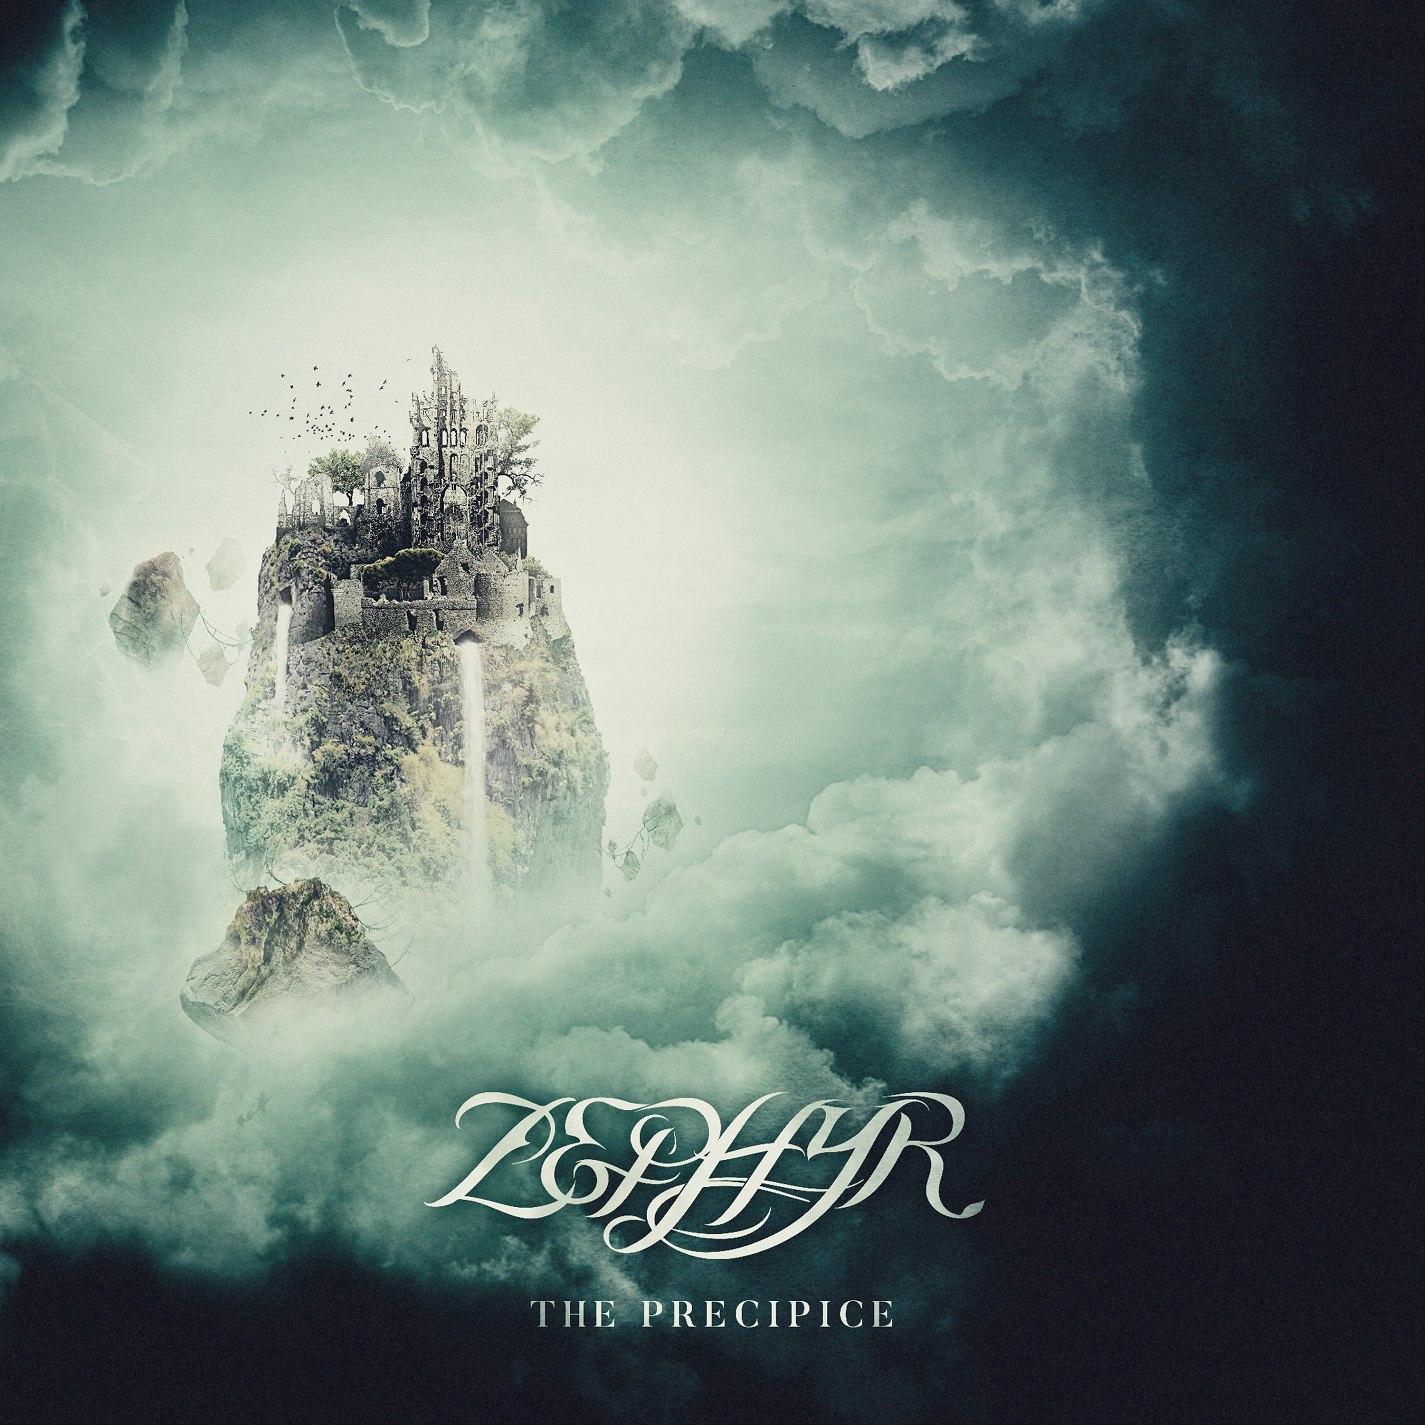 Zephyr - The Precipice [single] (2016)